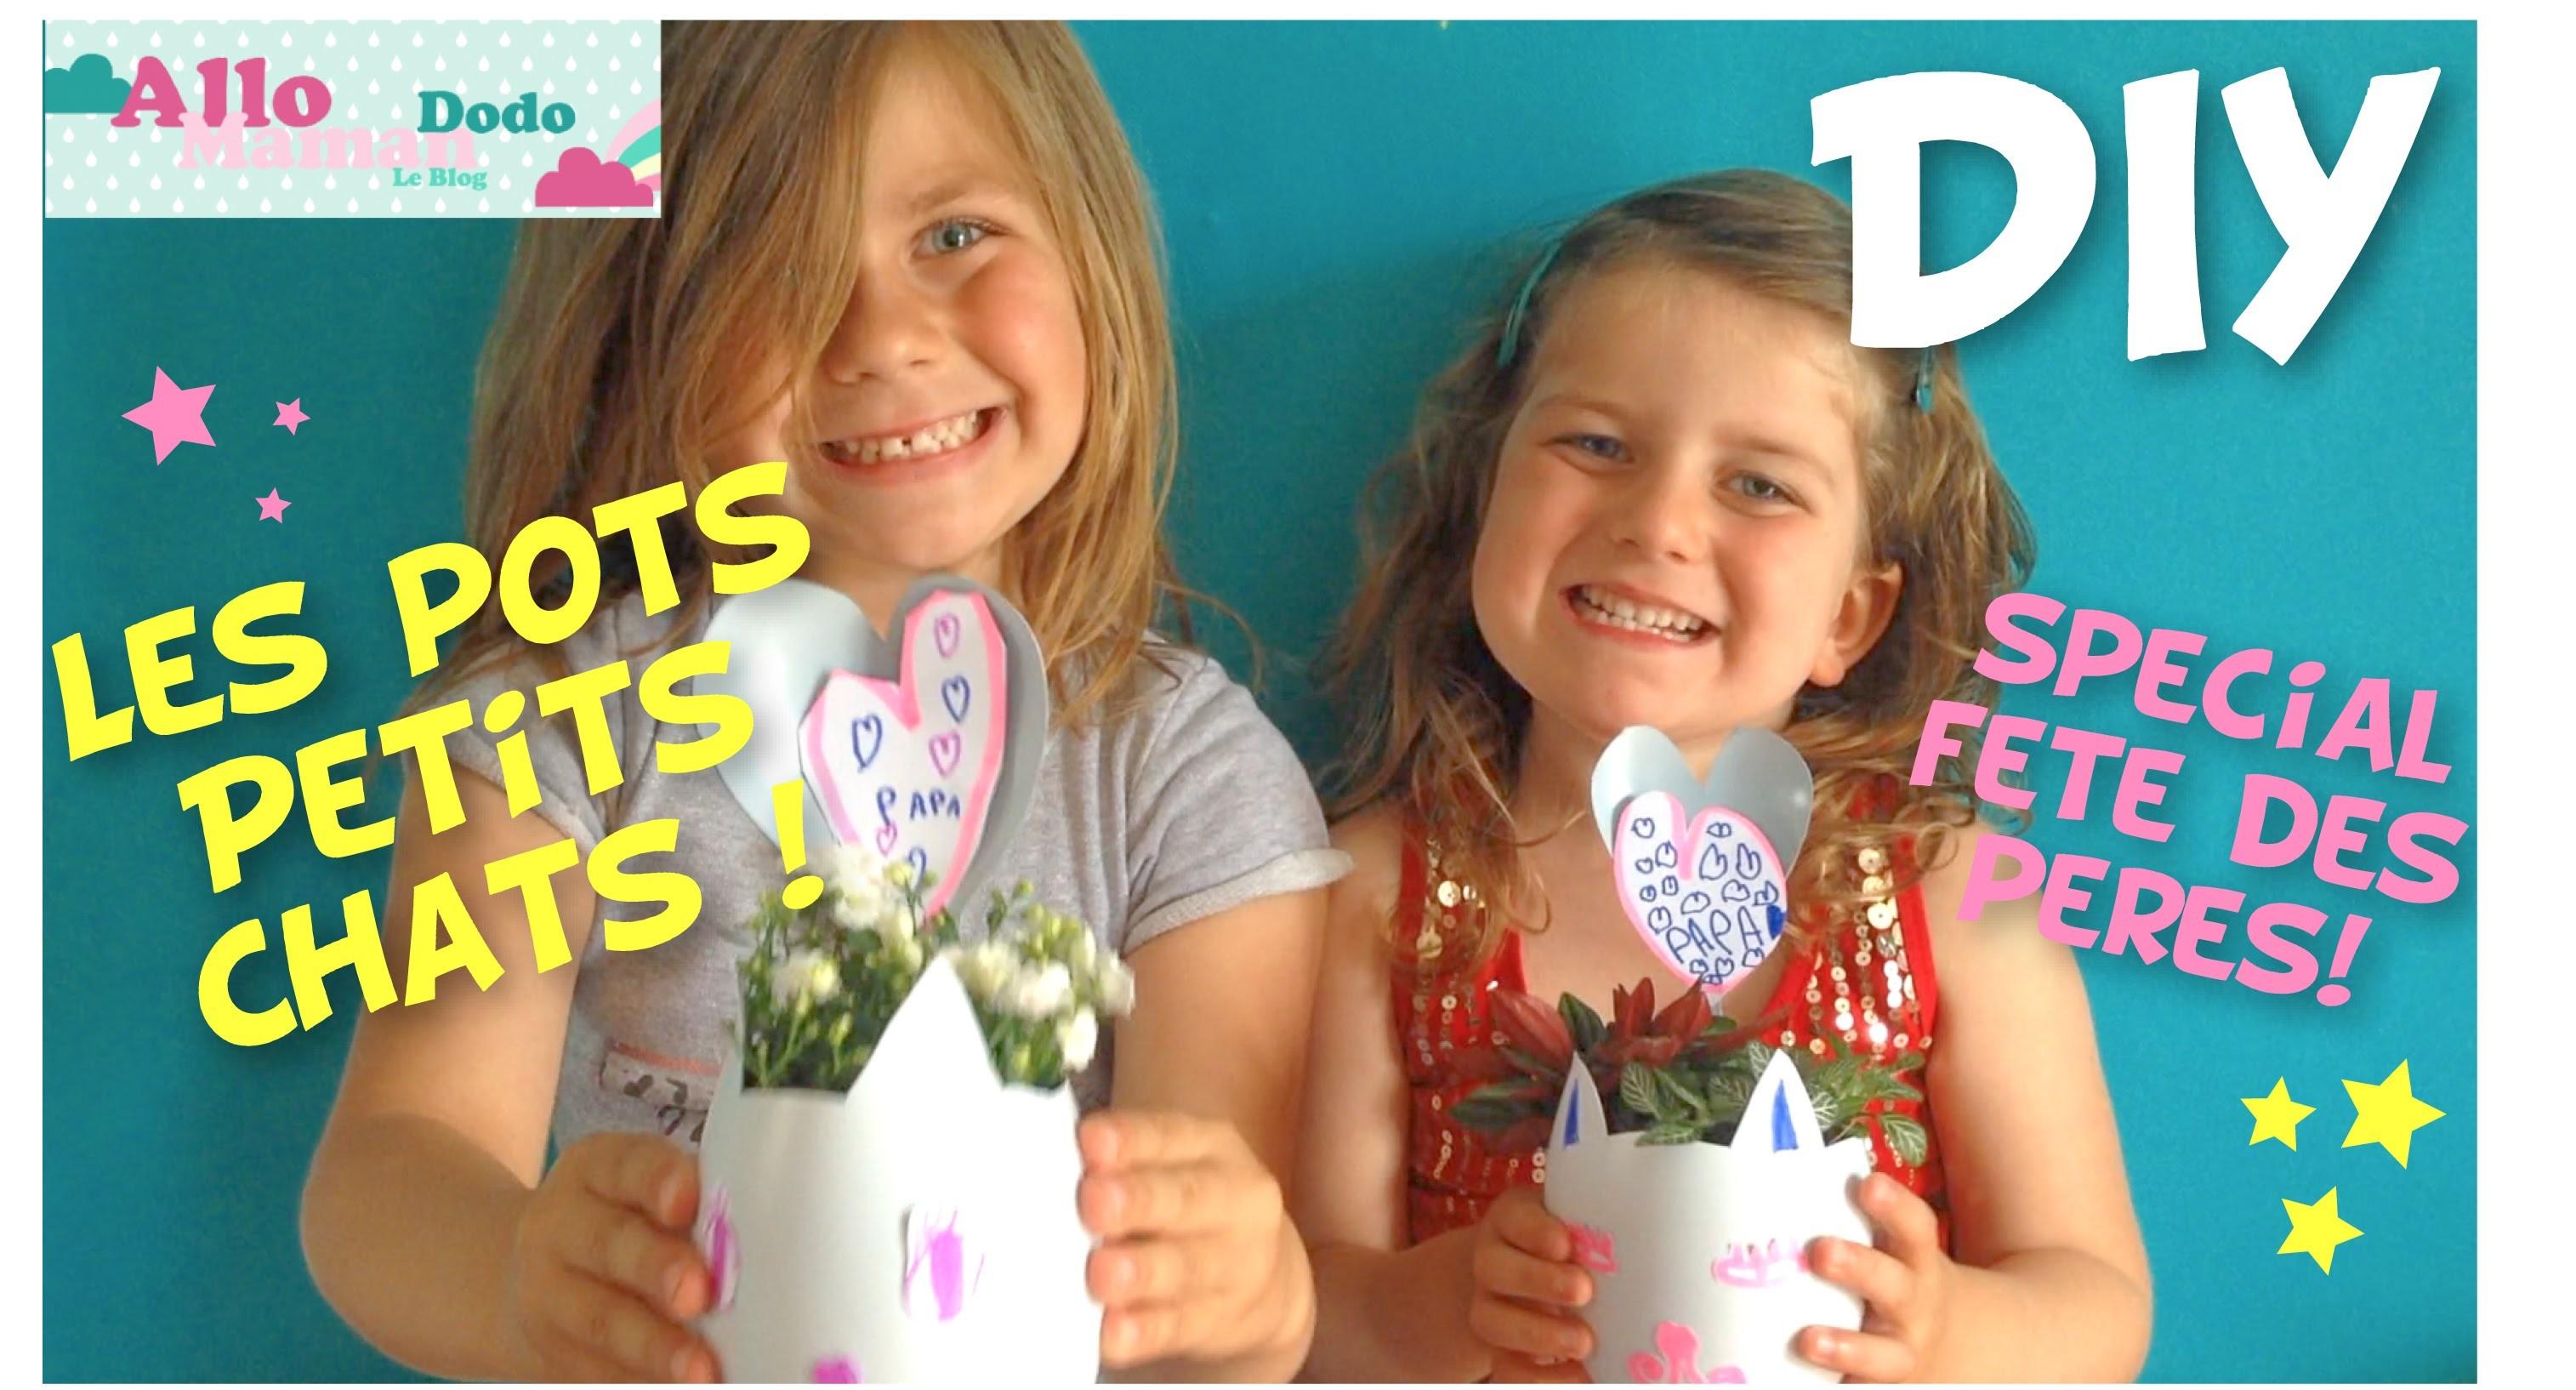 """DIY FETE DES PAPAS AVEC BLEDINA: Les Pots Petits chats"""" #Bledinafetelespapas"""